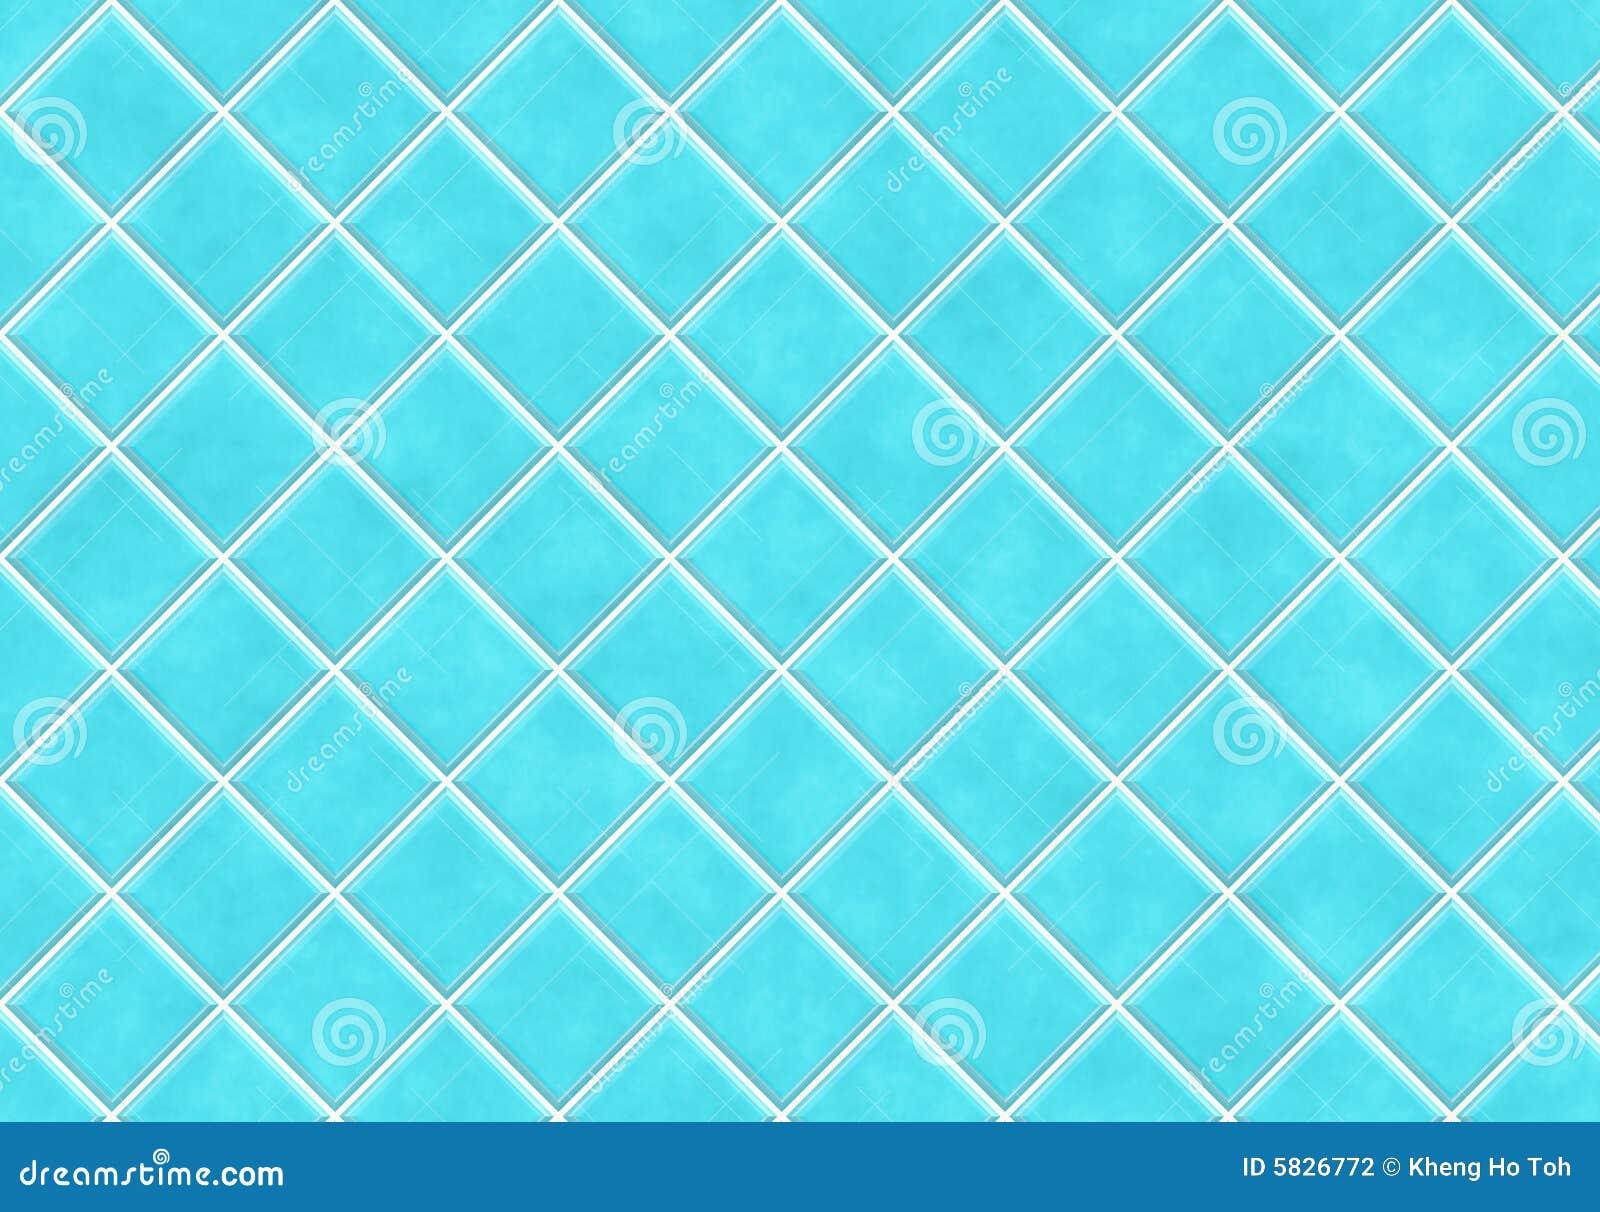 Azulejos Baño Azules:Azulejos Azules Del Cuarto De Baño Fotografía de archivo – Imagen